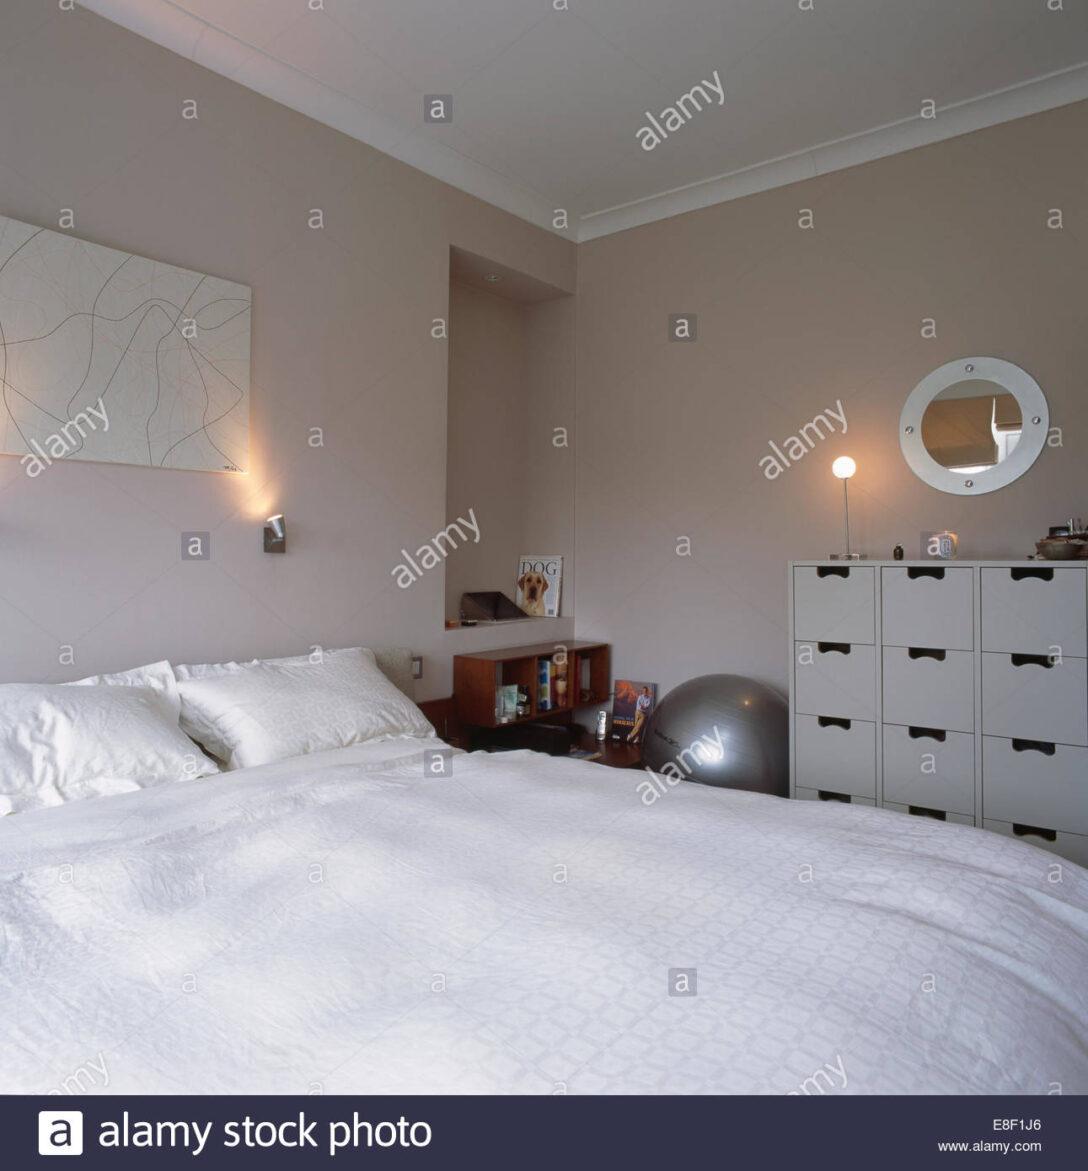 Large Size of Schlafzimmer Wandleuchte Mit Schalter Wandleuchten Bett Leselampe Ikea Ber Dem Weien Kissen Und Bettdecke In Stuhl Für Deckenleuchte Modern Set Komplette Wohnzimmer Schlafzimmer Wandleuchte